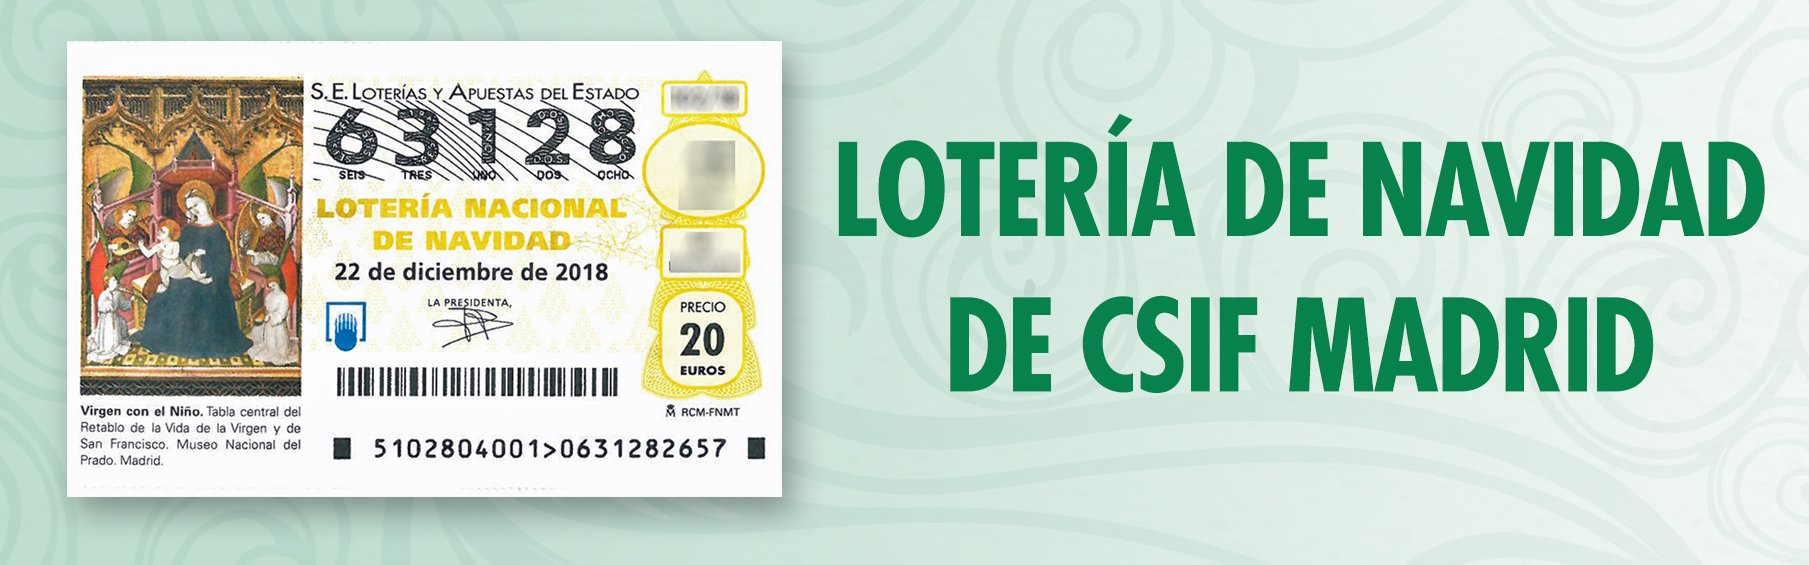 Lotería de Navidad 2018 de CSIF Madrid